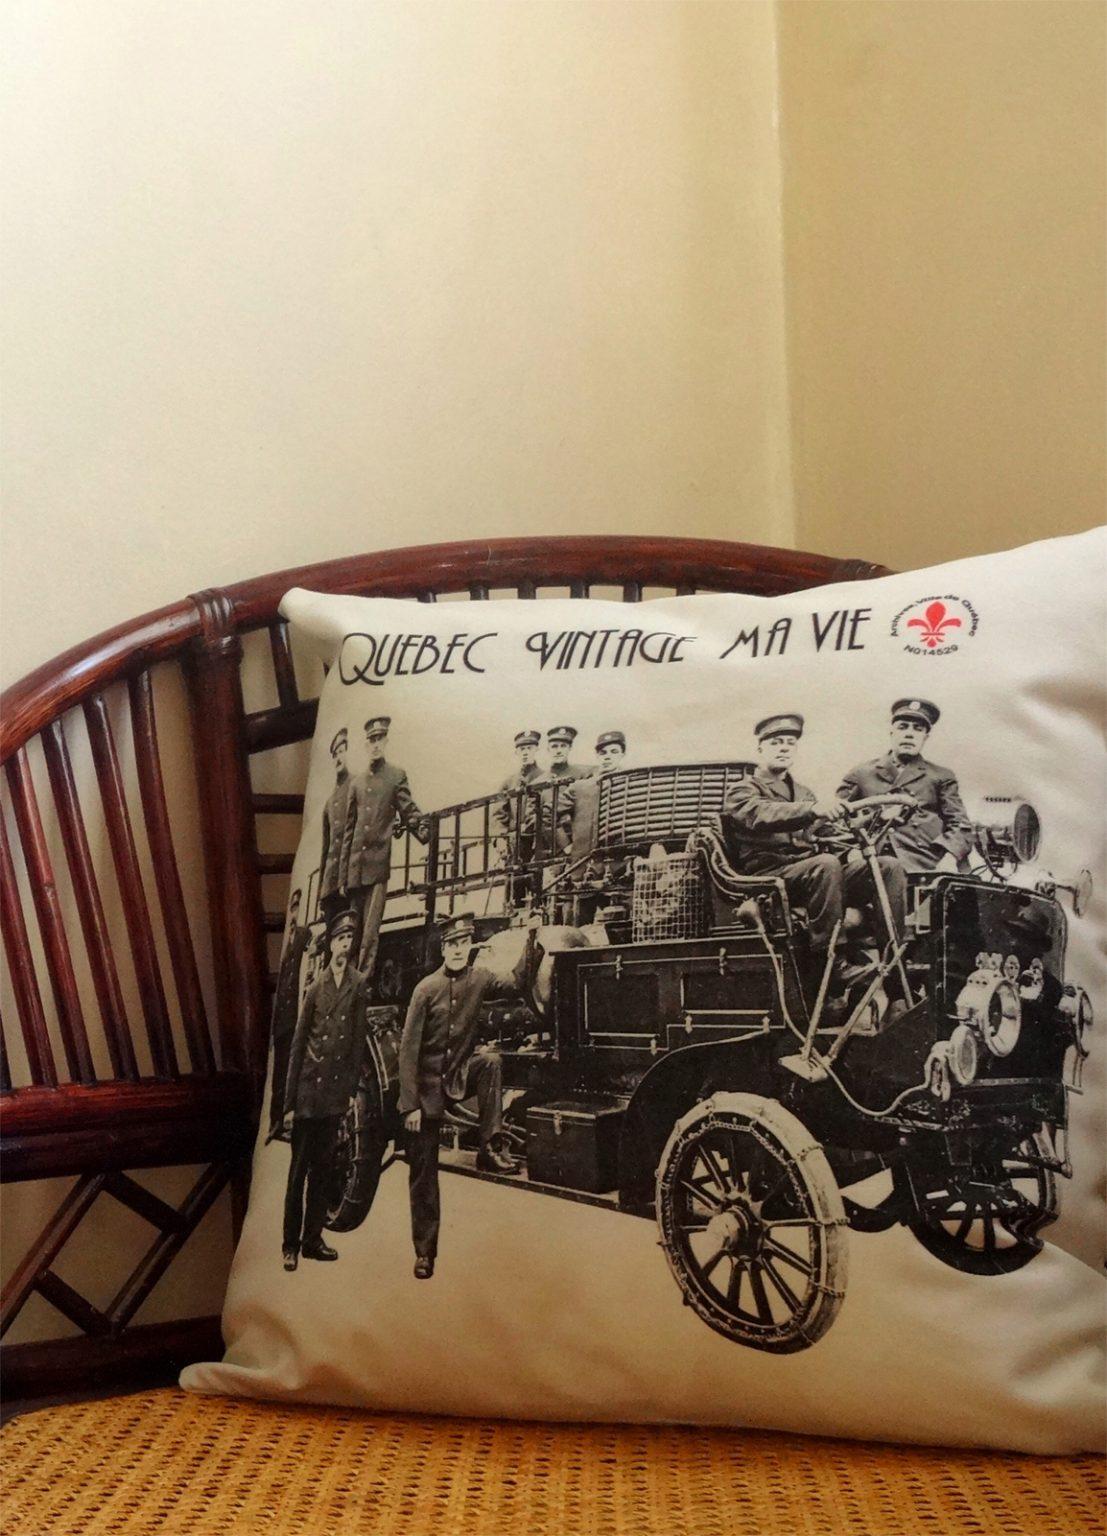 Accessoires de décoration écoresponsables   housses de coussins vintage ma vie par Aniela Mieko